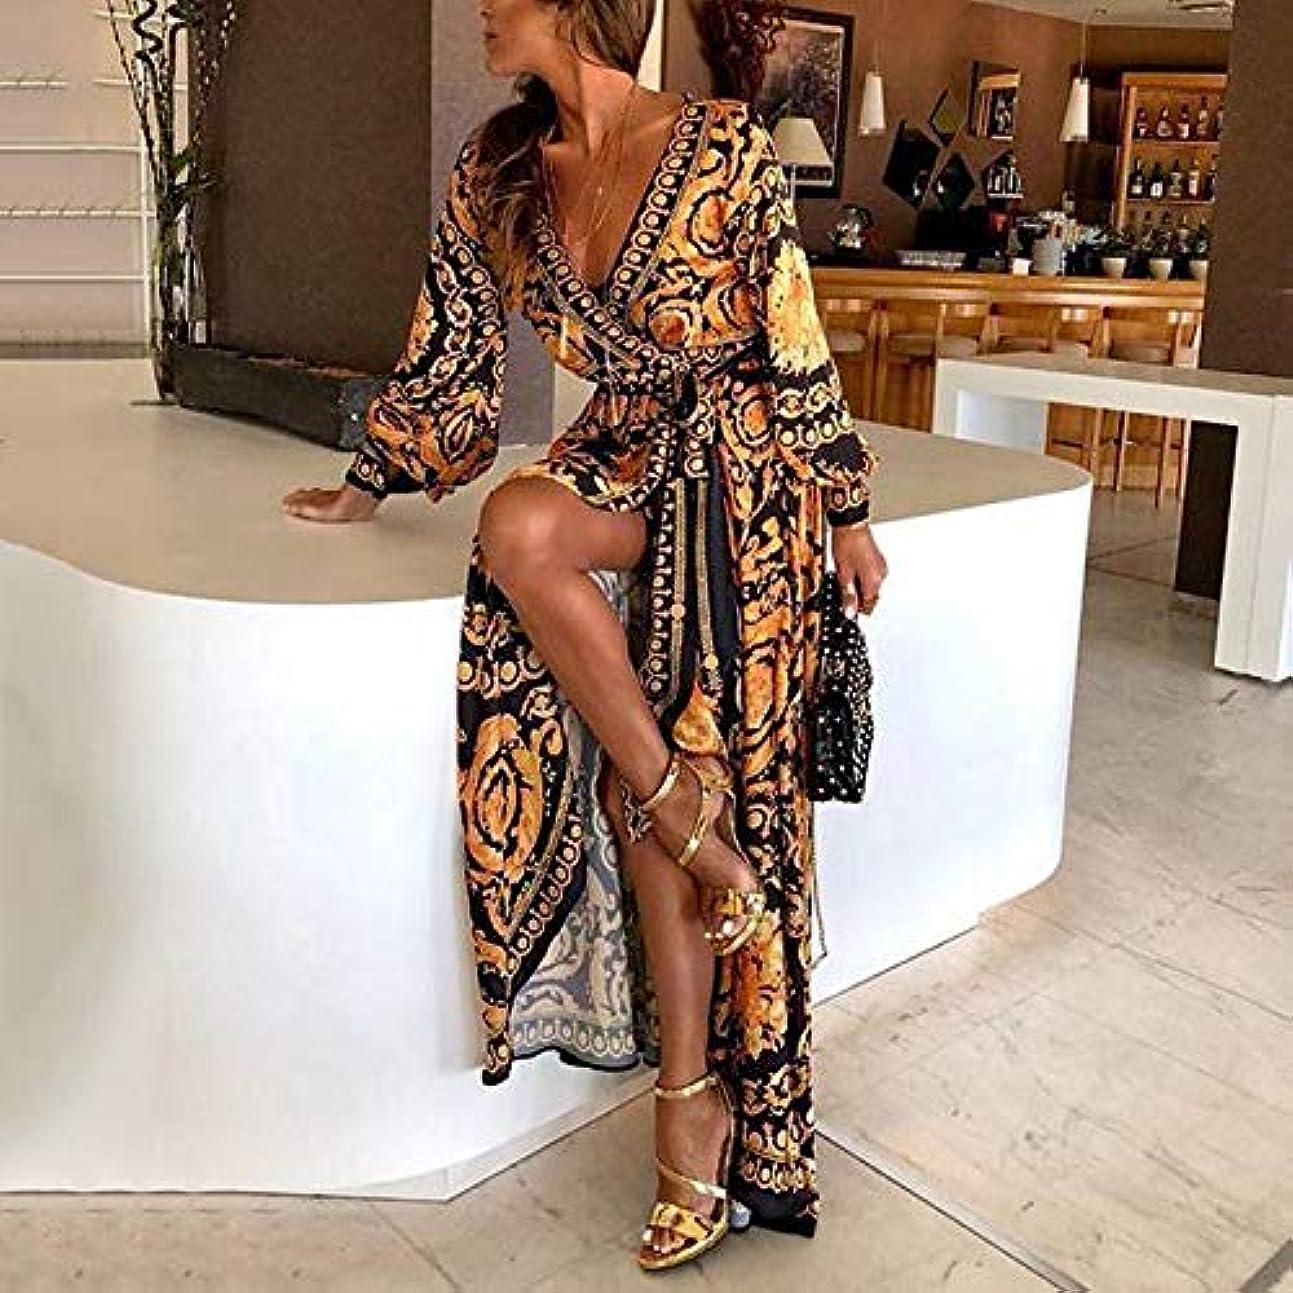 書くところで対応Onderroa - ファッションエレガントな女性のセクシーなボートネックグリッターディープVネックドレスパーティーフォーマルロングドレスを印刷